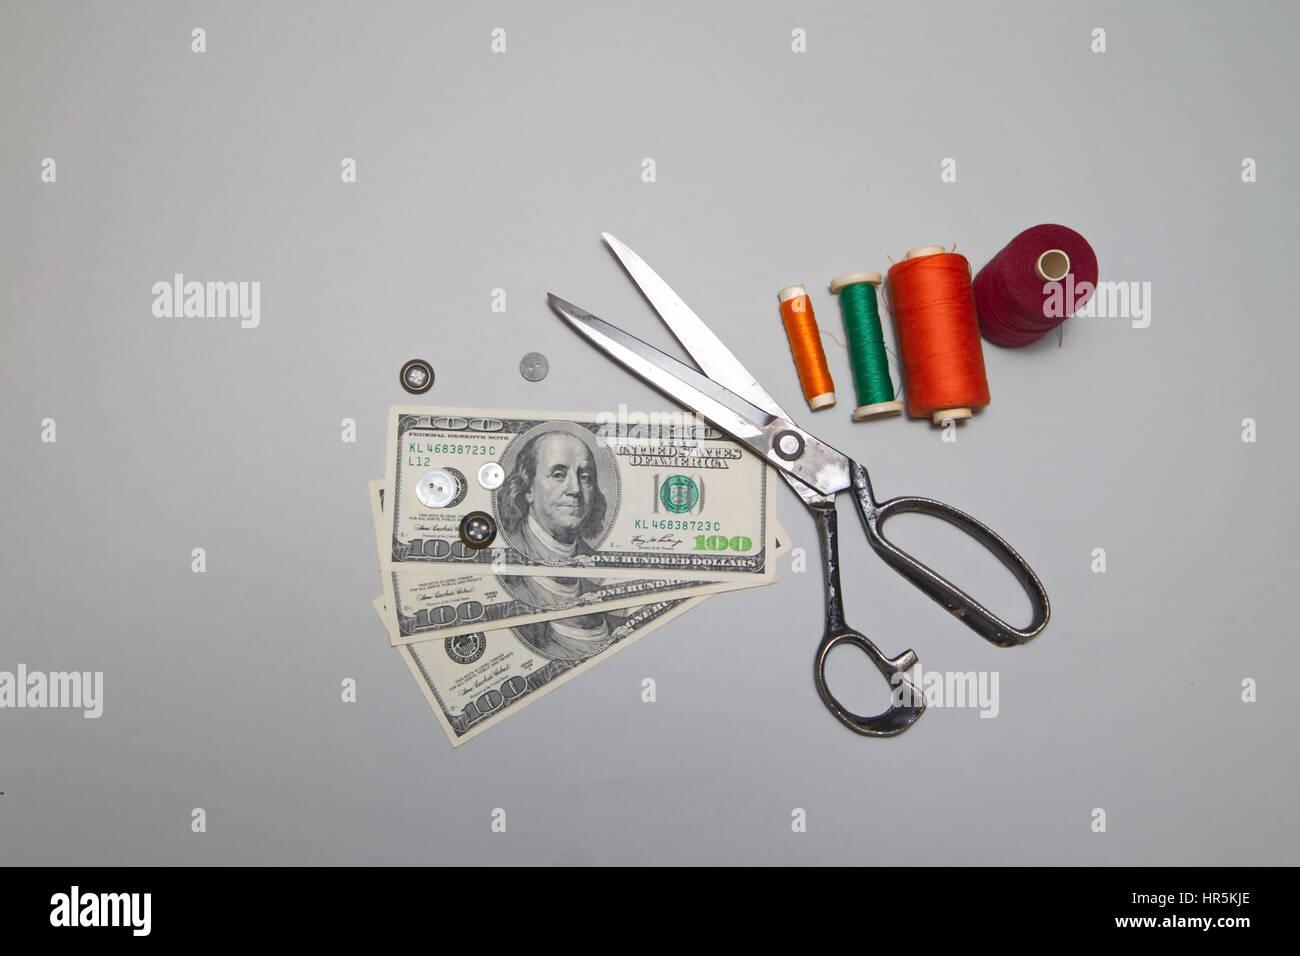 Machen Sie Geld nähen. Amerikanische Dollar und Zubehör für das Schneiden und Nähen Stockfoto